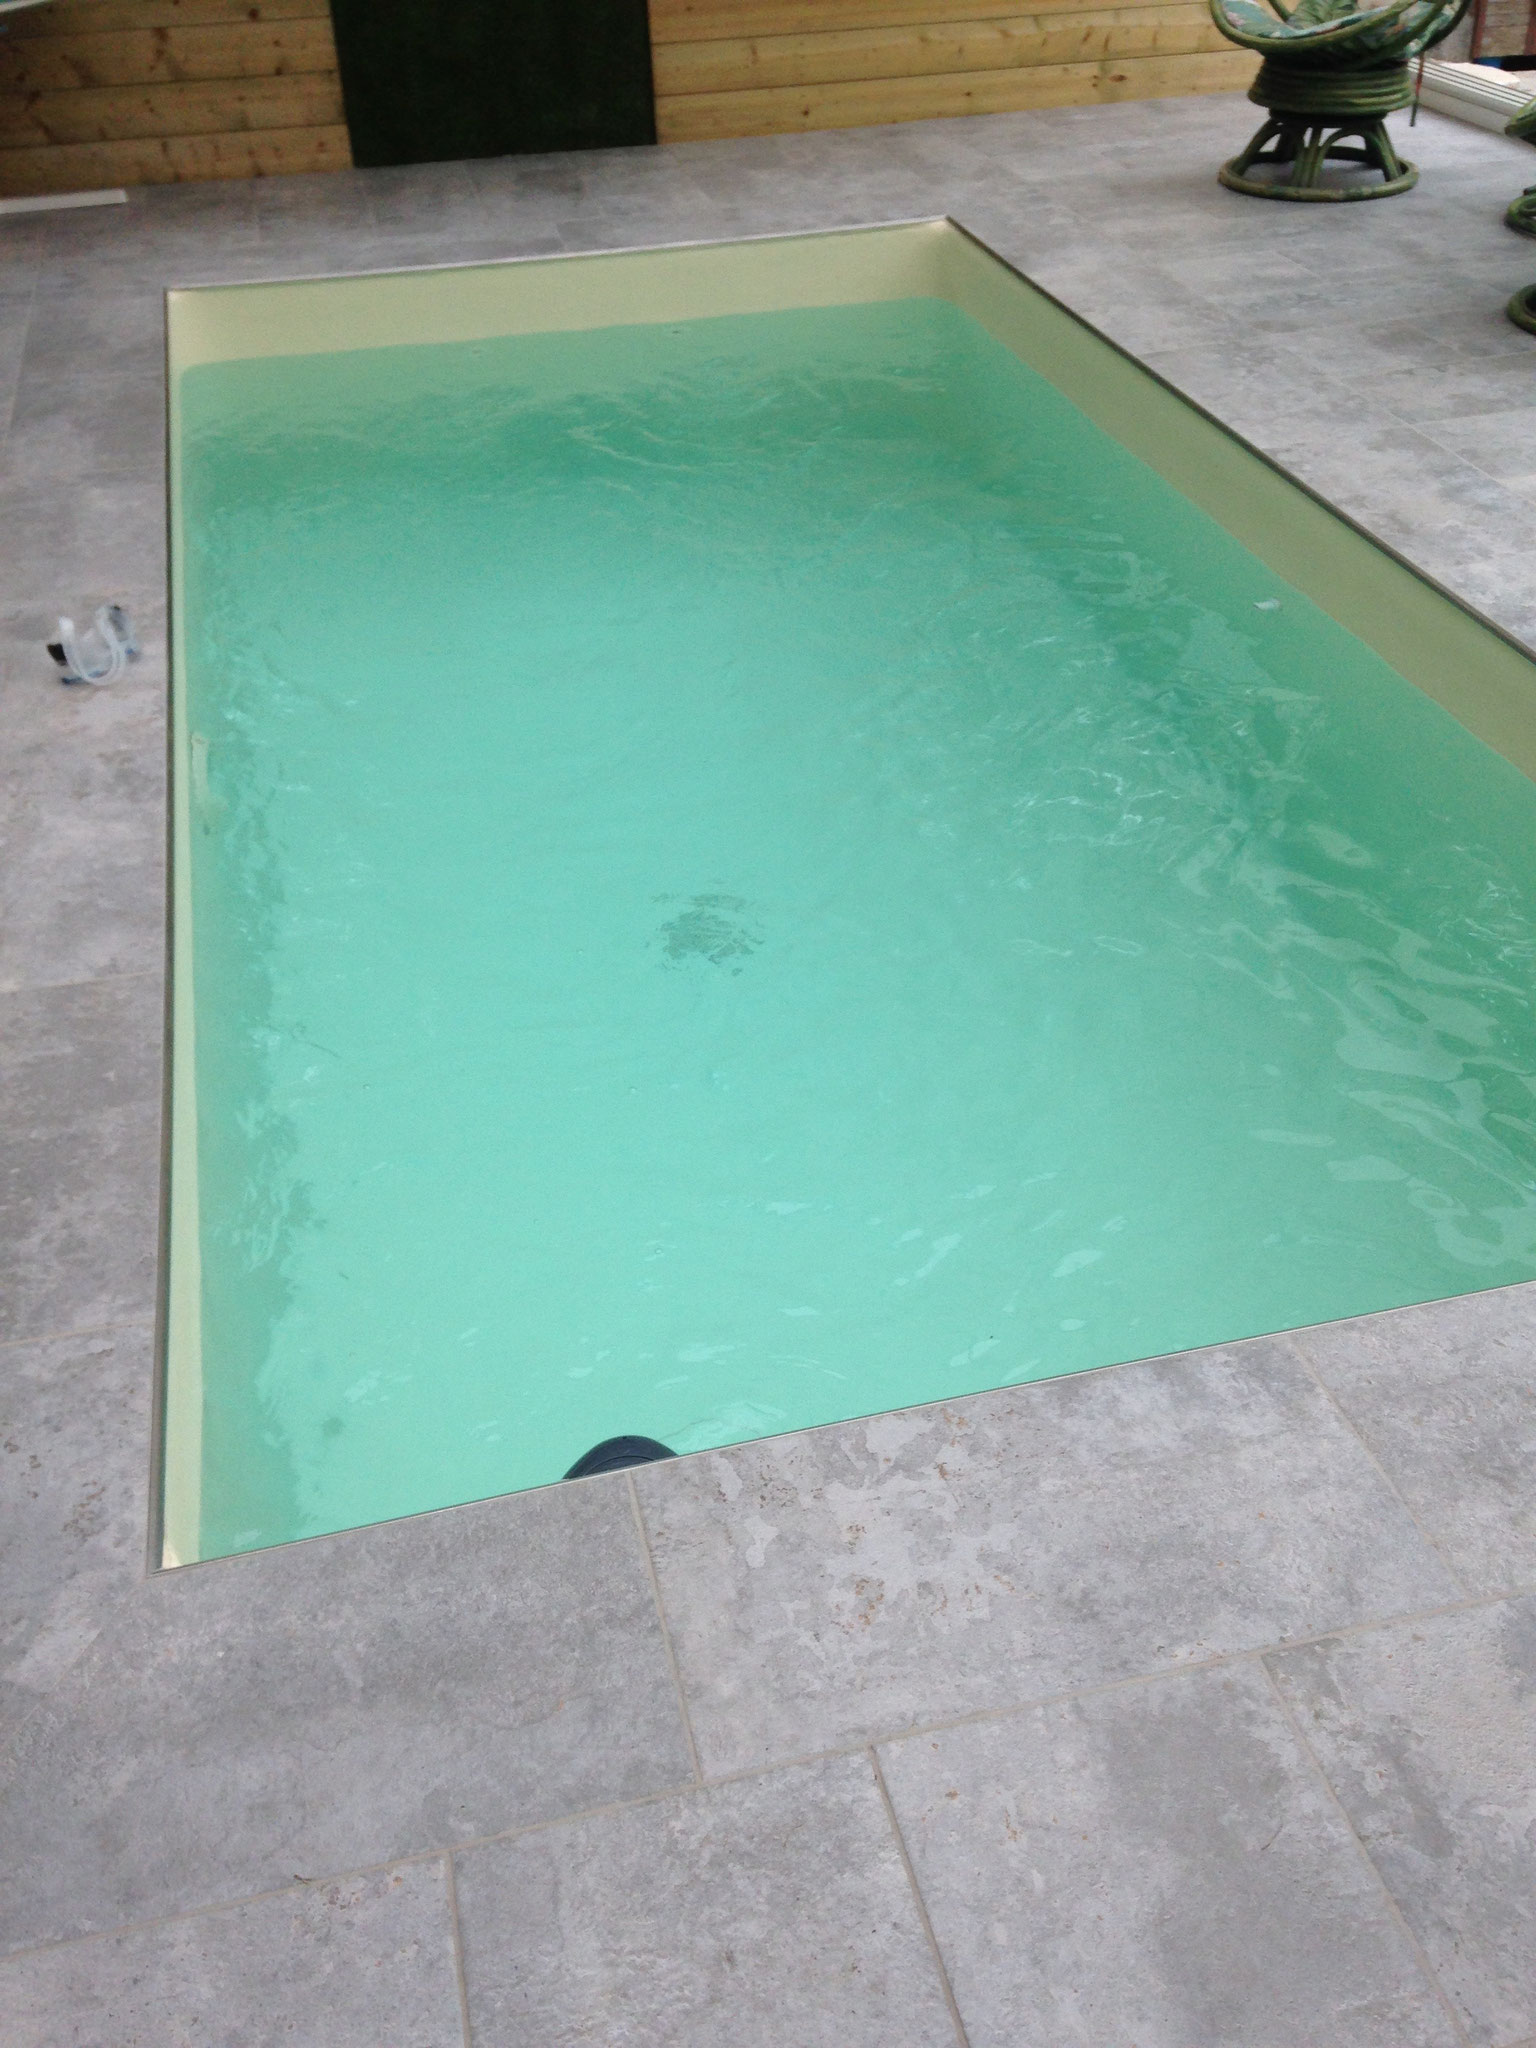 couleur de l'eau piscine intérieur en ivoire